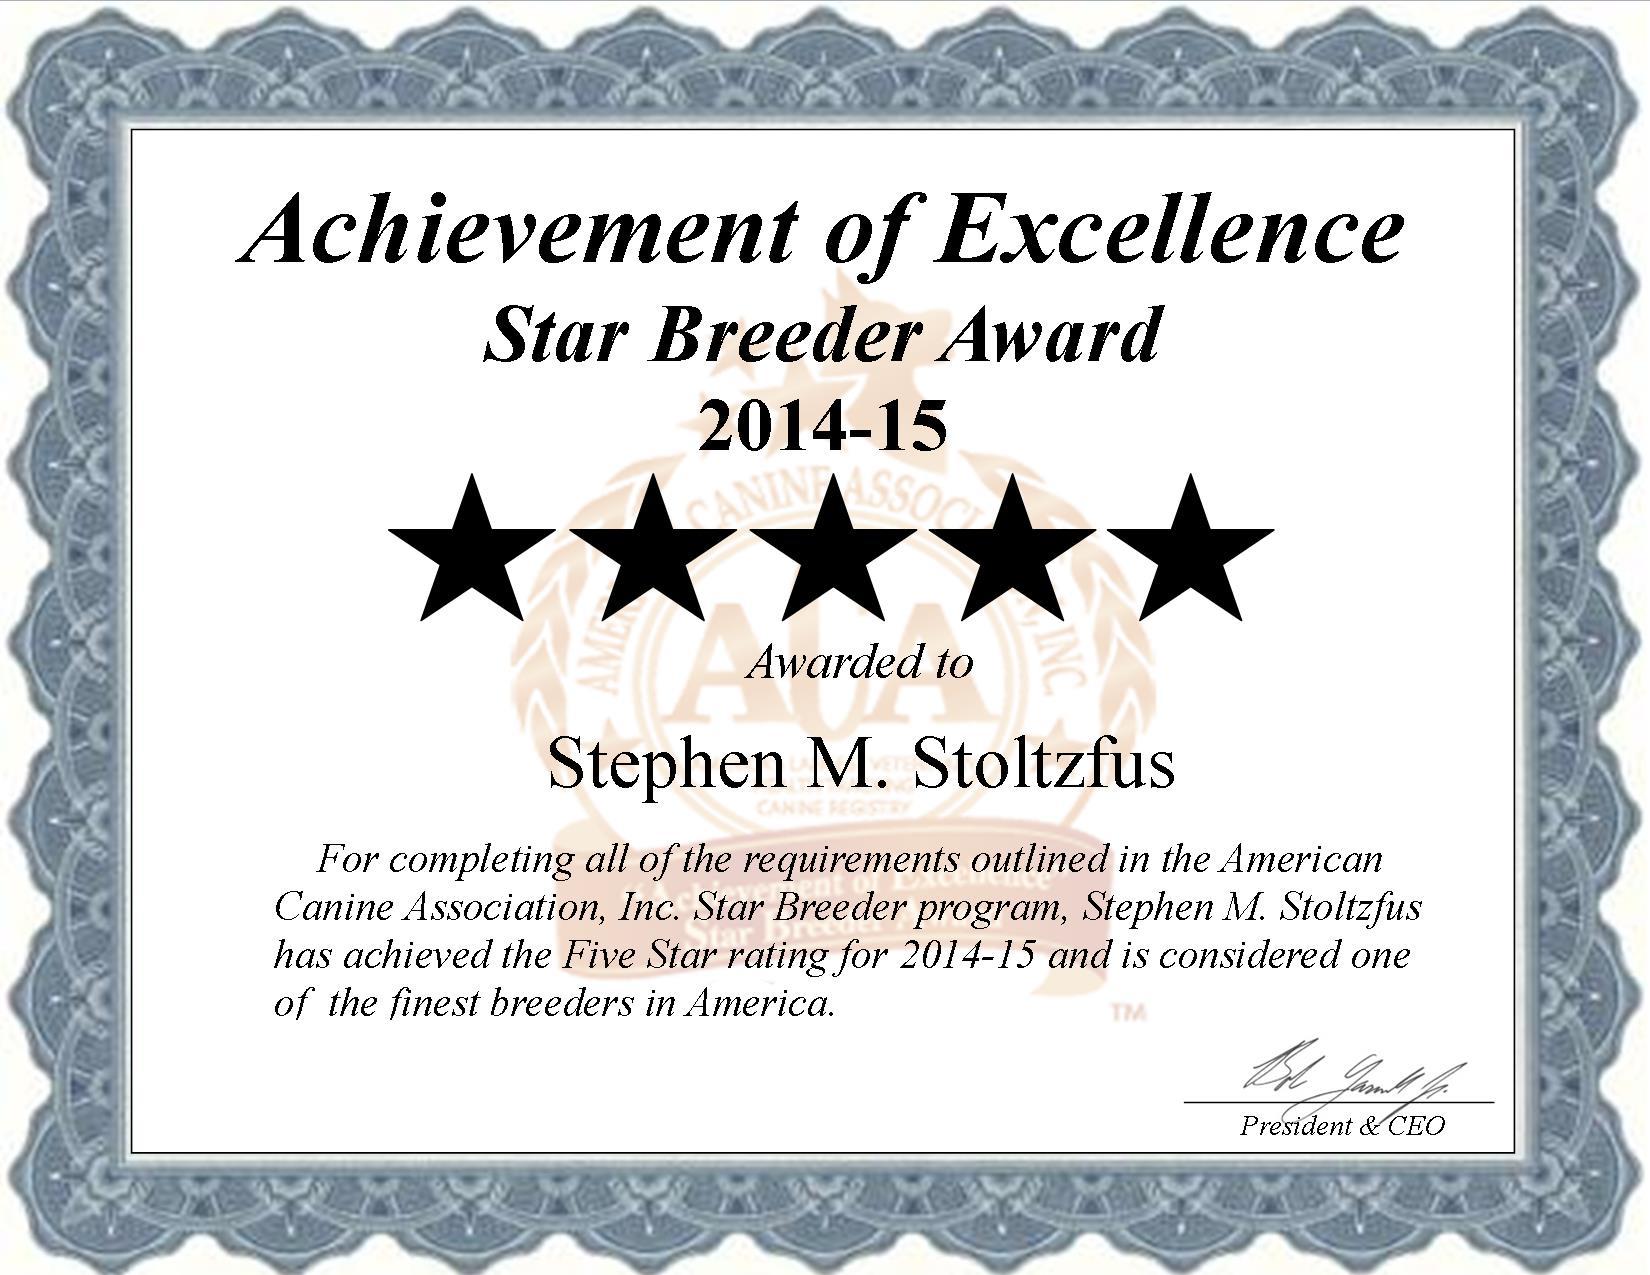 Steve M. Stoltzfus, Fox Kennel, Fox do breeder, star breeder, aca, star breeder, 5 star, Gap, Pennsylvania, PA, dog, puppy, puppies, dog breeder, dog breeders, Pennsylvania breeder, Steve M. Stoltzfus dog breeder